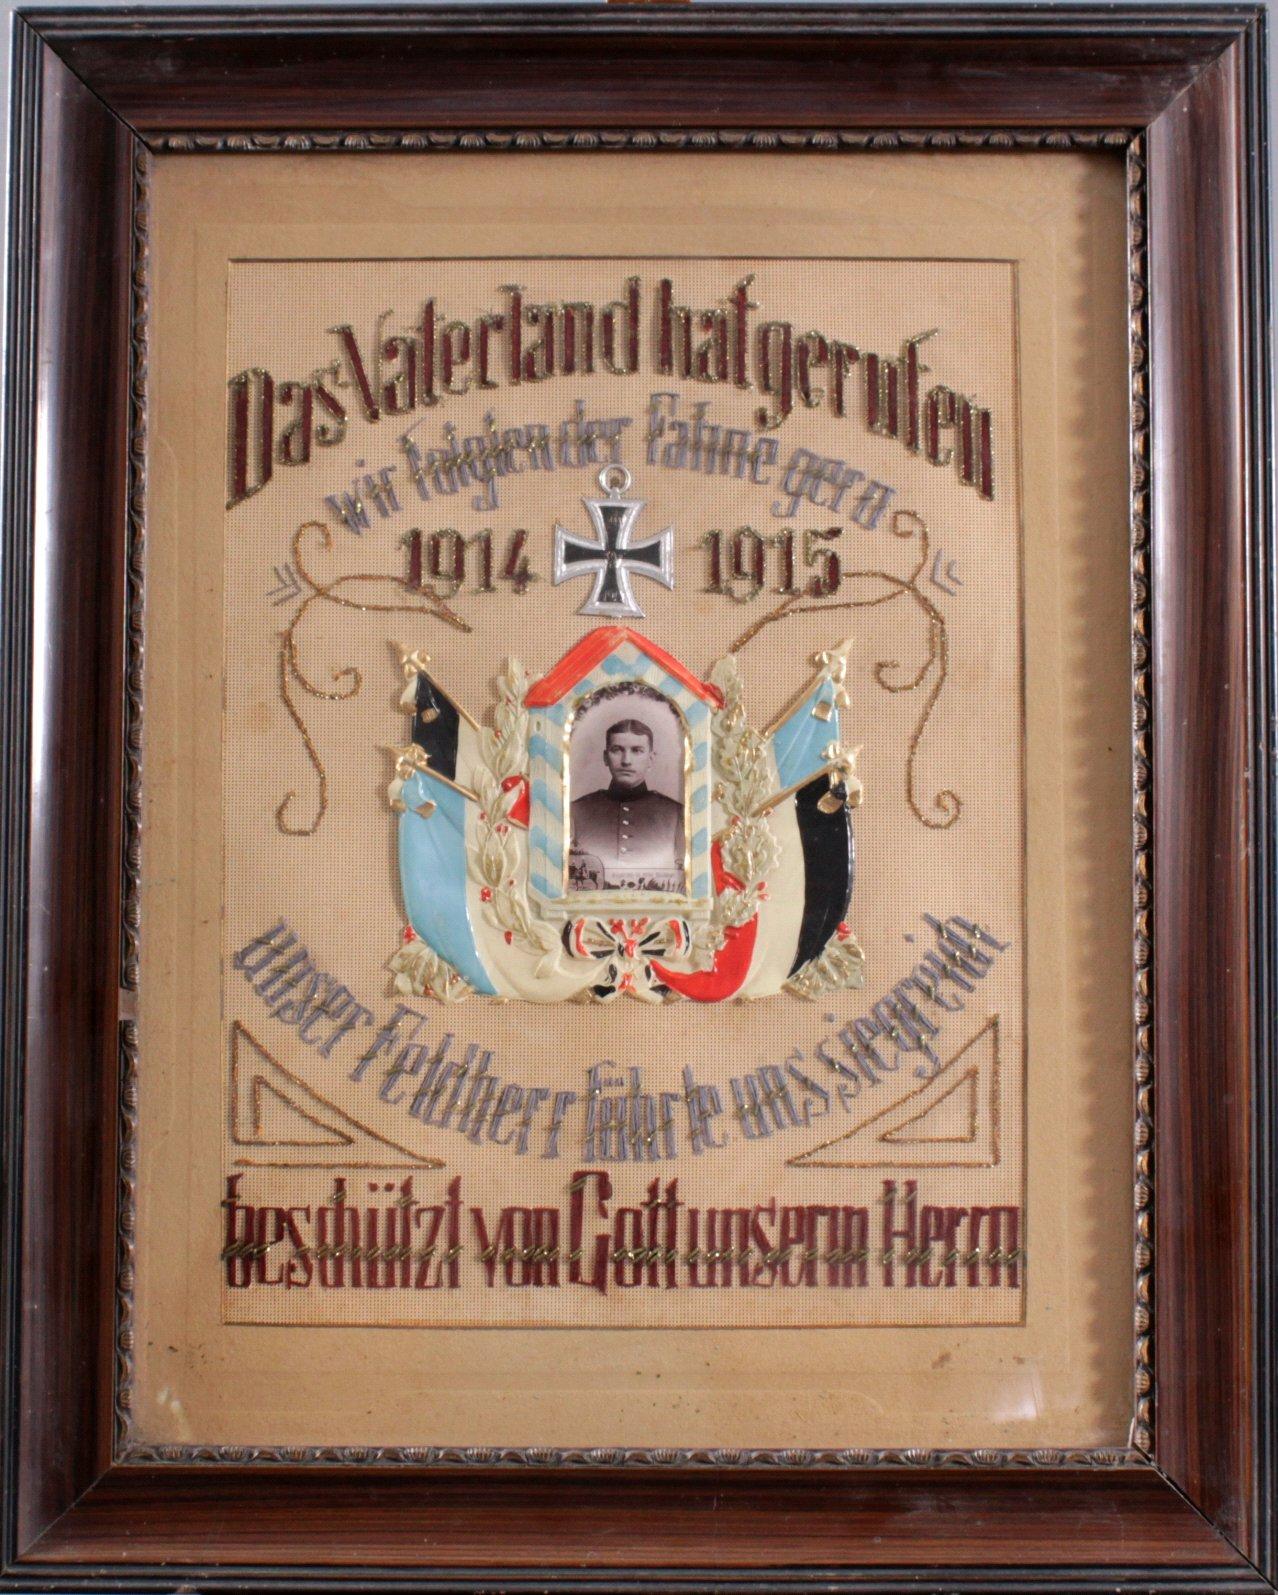 Reservistenbild WK I (1914/1915)